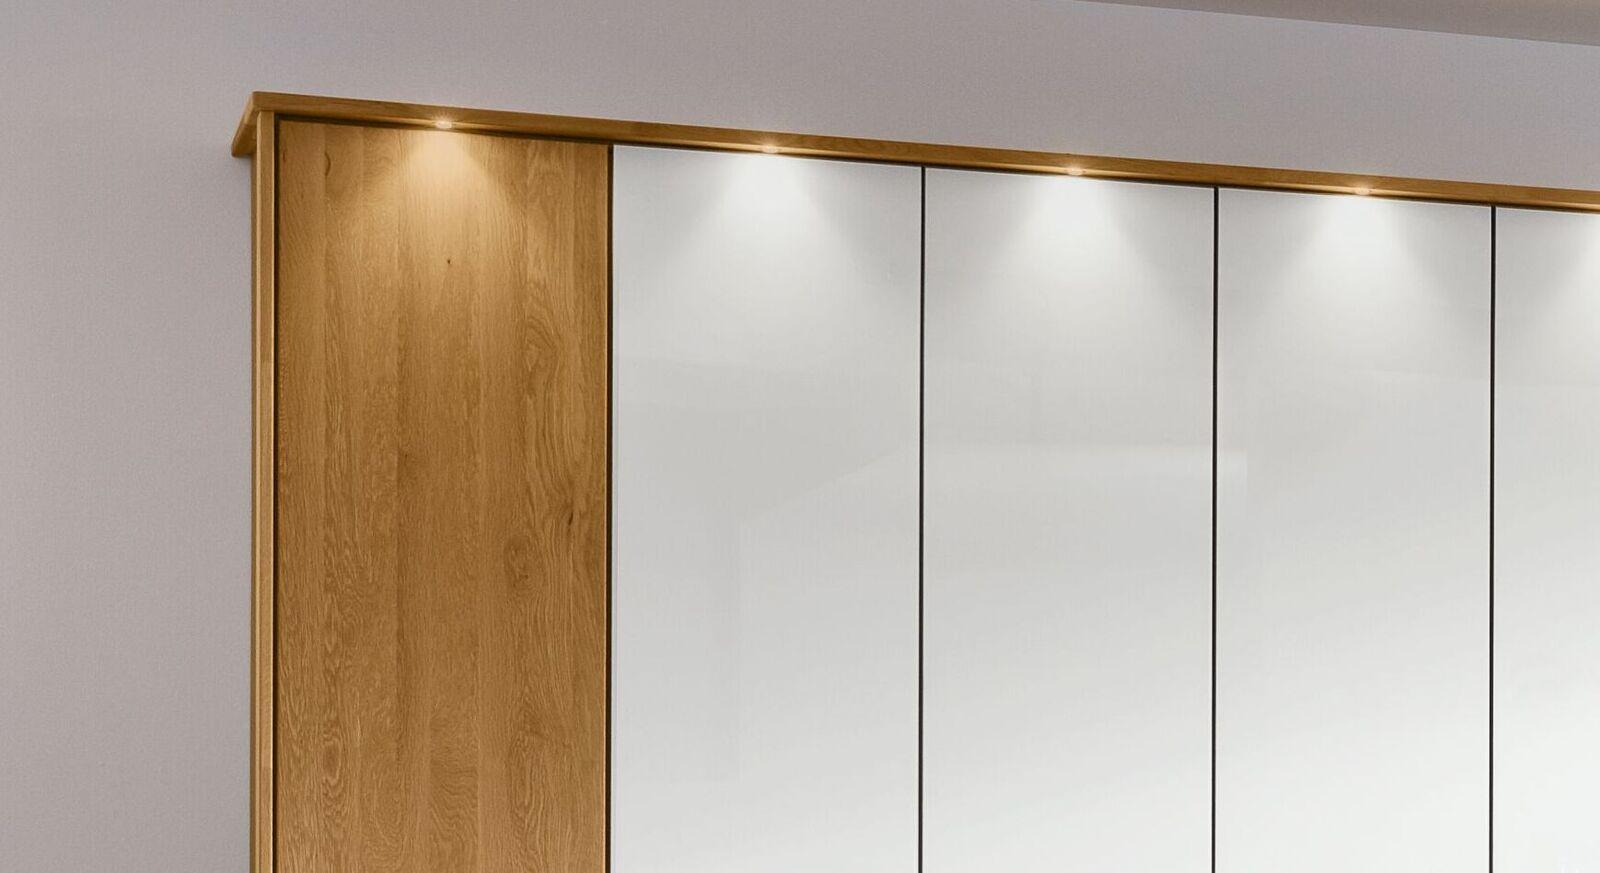 MUSTERRING Drehtüren-Kleiderschrank Savona Weiß nach Belieben ausstatten